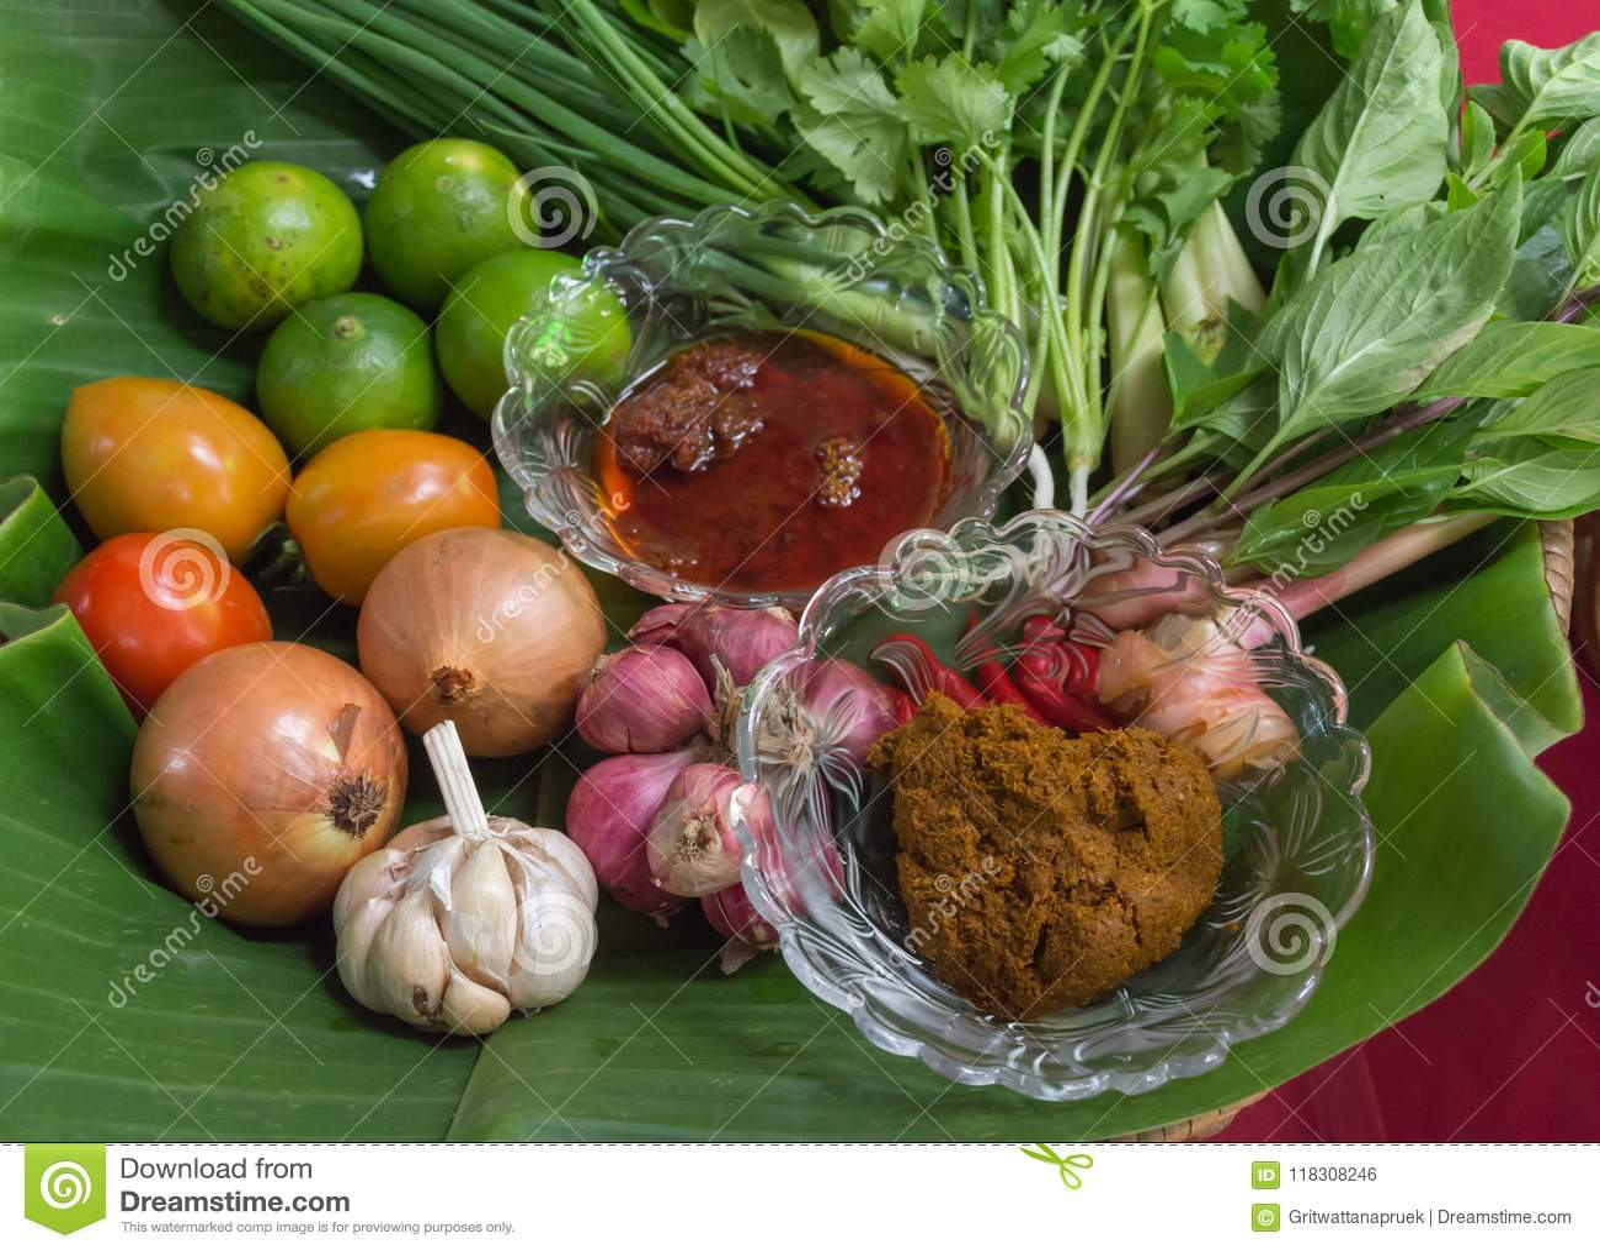 Ingredientes para tom yum